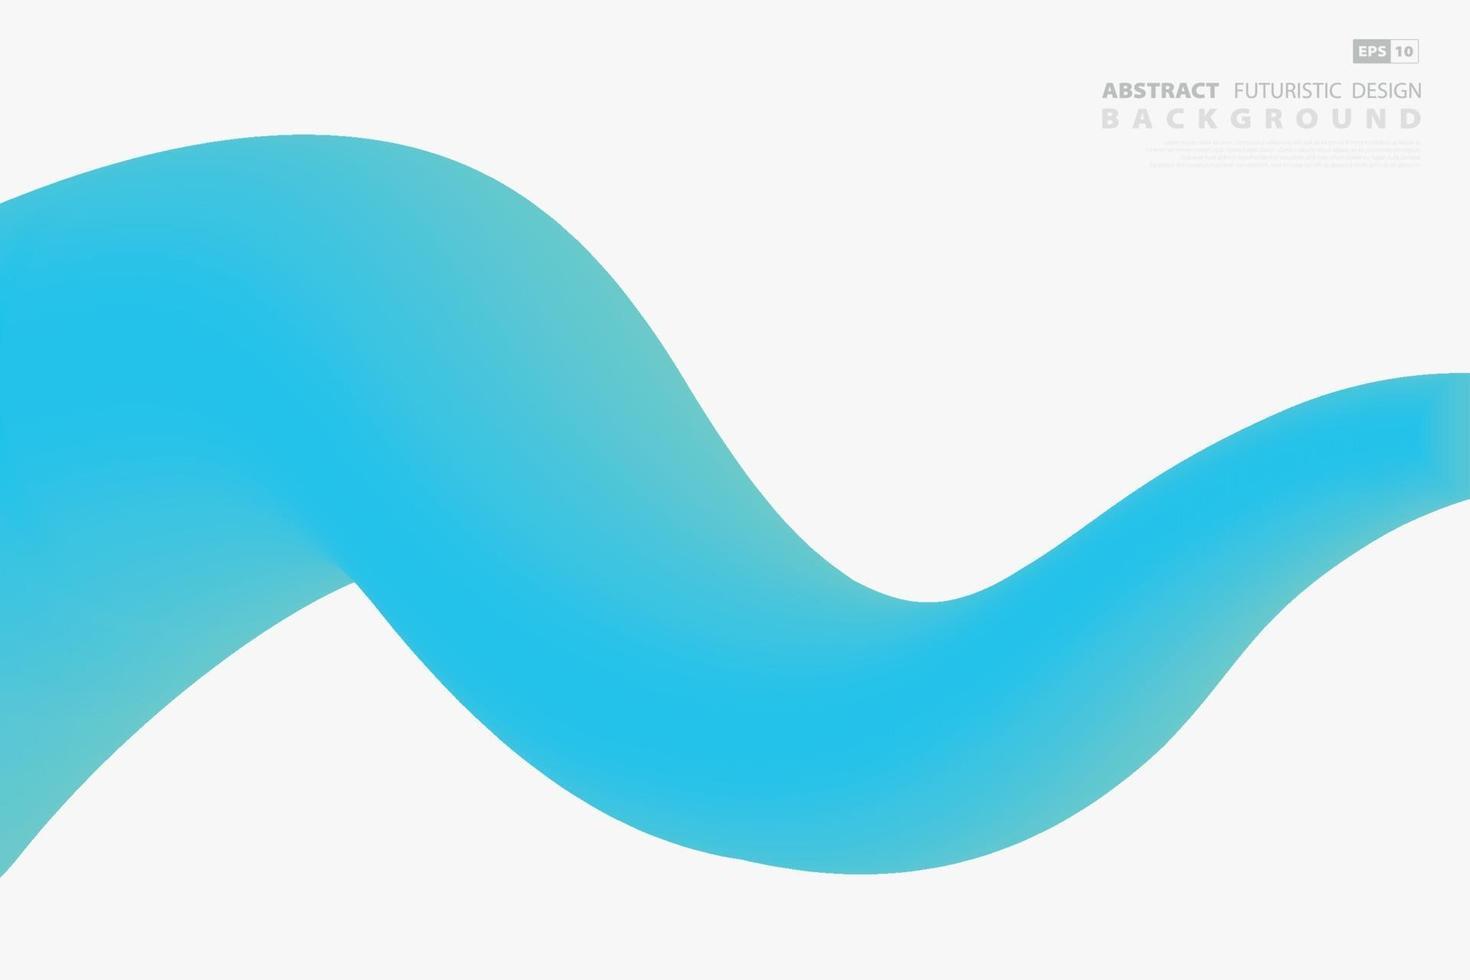 abstrakte blaue Wellenschablonenentwurf der Hauptwellenentwurfsschablone. zeigt einfache Linie des Hintergrunds. vektor